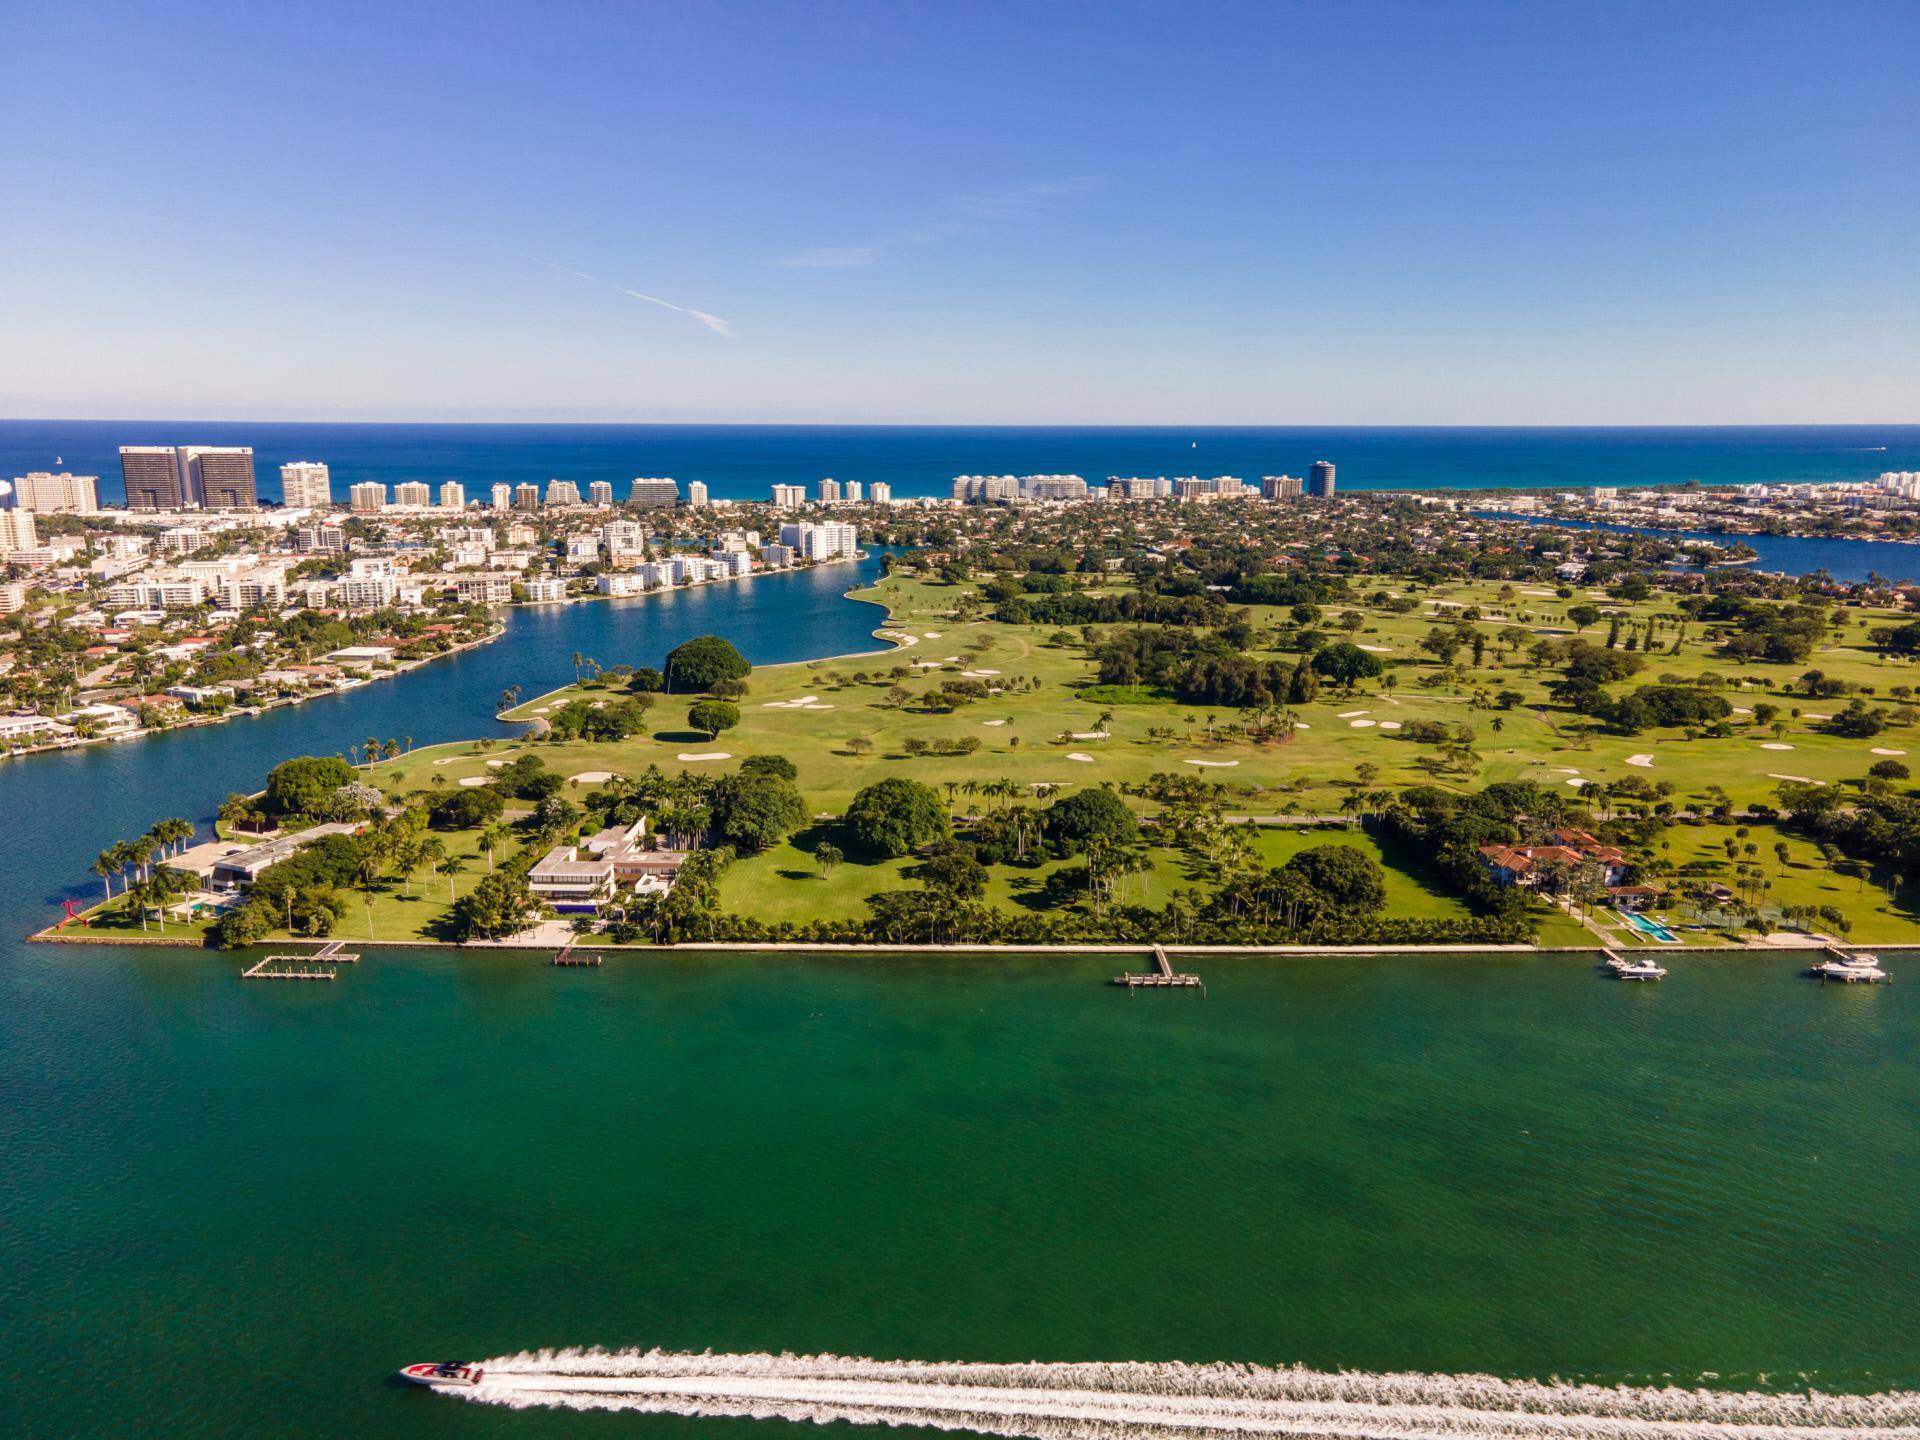 Vistas de Indian Creek, el búnker de los famosos en Miami / Curbed/The Jills